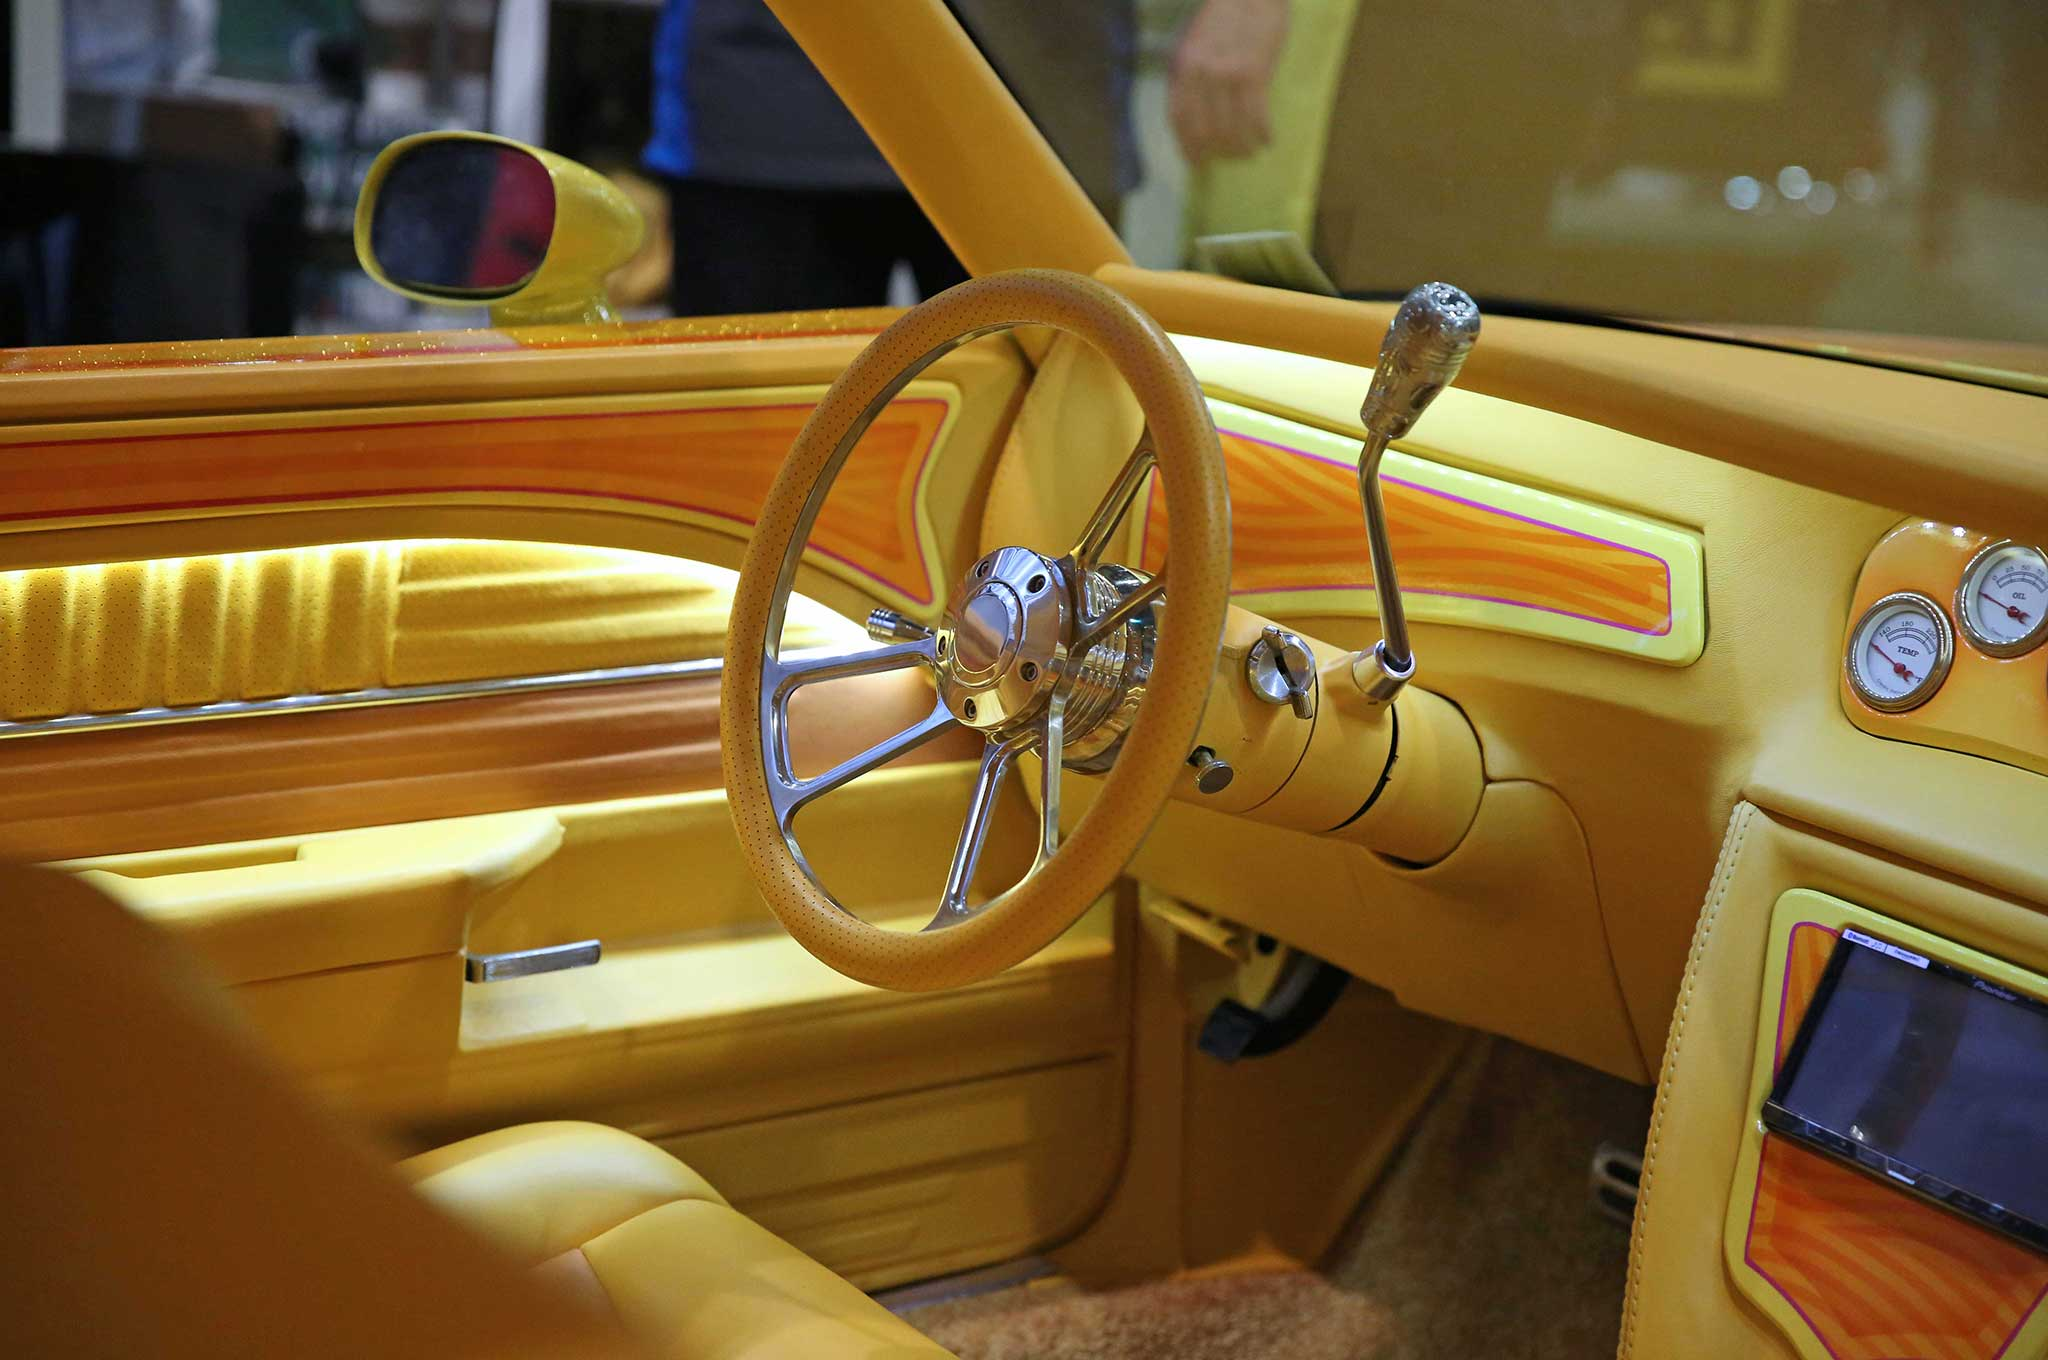 1978 Chevrolet Monte Carlo - 1978 MC #TENSEMA16 - Lowrider